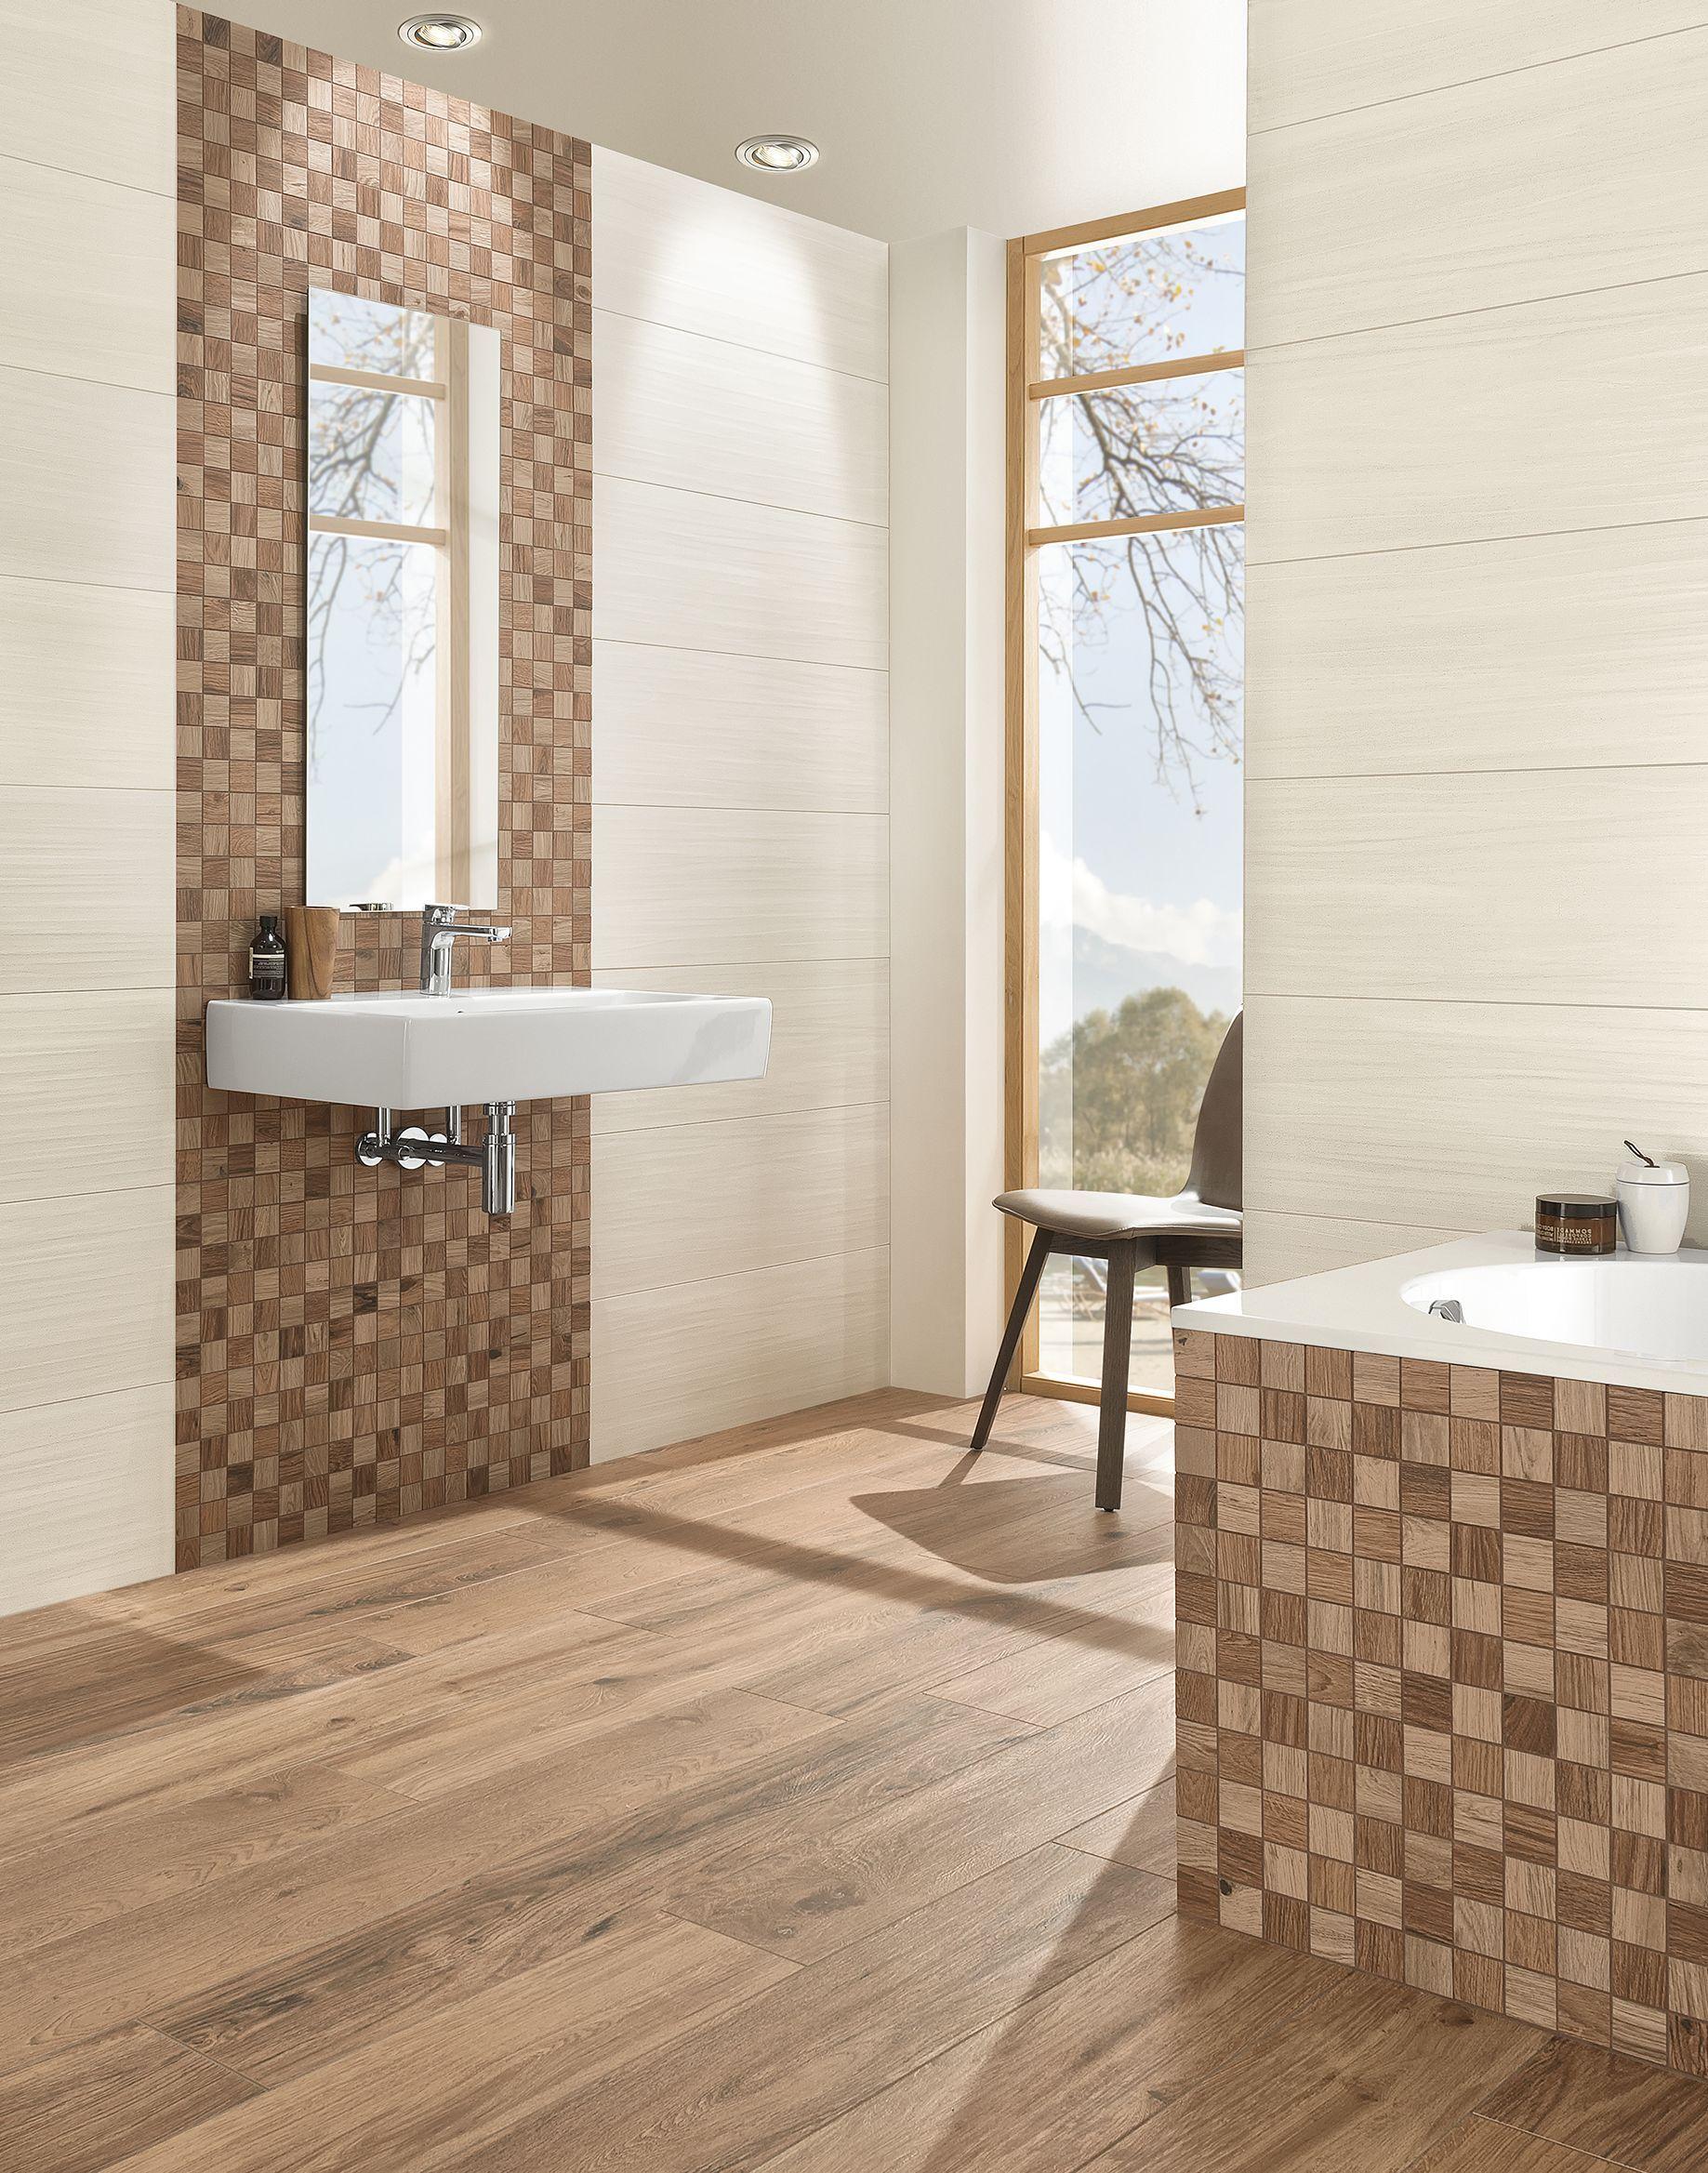 Holzfliesen fürs Bad